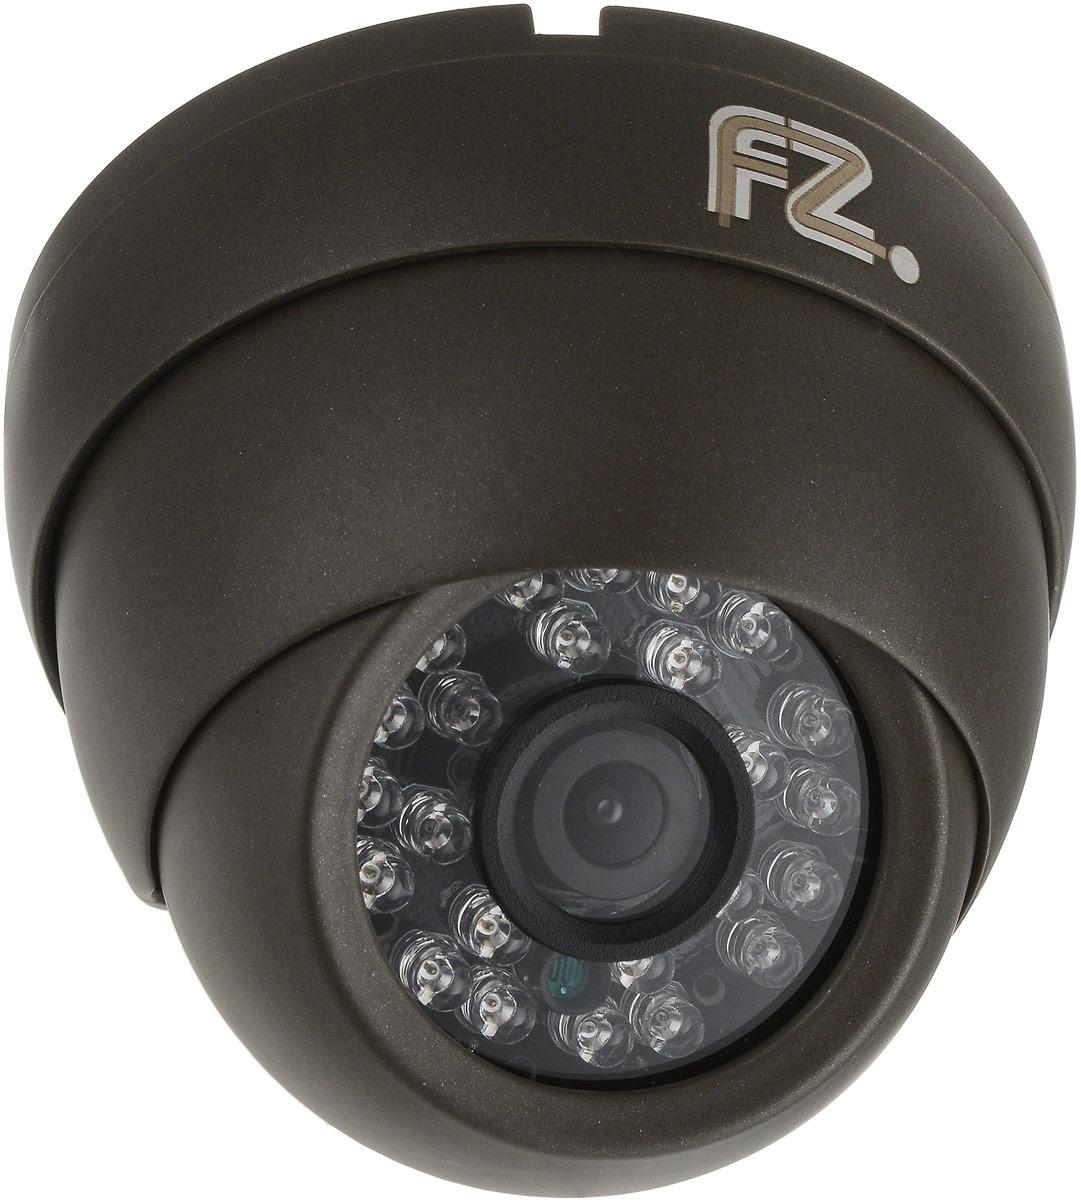 Fazera FZ-DIR24-1080, Grey камера видеонаблюденияFZ-DIR24-1080Уличная IP камера Fazera FZ-DIR24-1080 благодаря наличию инфракрасной подсветки дальностью 20 метров, и надежной защитой от атмосферных воздействий в широком диапазоне температур, камера zIPCam-DIR24 может эксплуатироваться на таких объектах, как уличные паркинги, складские помещения, отели, жилые дома и т.д.В основе камеры матрица: 1/2.8 Sony Exmor IMX222 и процессор: HiSilicon HI3516C благодаря чему уличная IP-камера zIPCam-DIR24 формирует изображение с разрешением до 1920x1080 пикселей (Full HD), с качественной цветопередачей и повышенной контрастностью, что позволяет использовать видеокамеру на объектах с высокими требованиями к качеству видеосигнала, и в системах с видеоаналитикой. Электропитание камеры возможно как от источника постоянного тока 12 В, так и по IP-сети (PoE).Матрица: 1/2.8 Sony Exmor IMX222Процессор: HiSilicon HI3516CМеханический ИК-фильтр с автопереключениемНастройки яркости, контраста, насыщенности через клиентское ПО или веб браузер